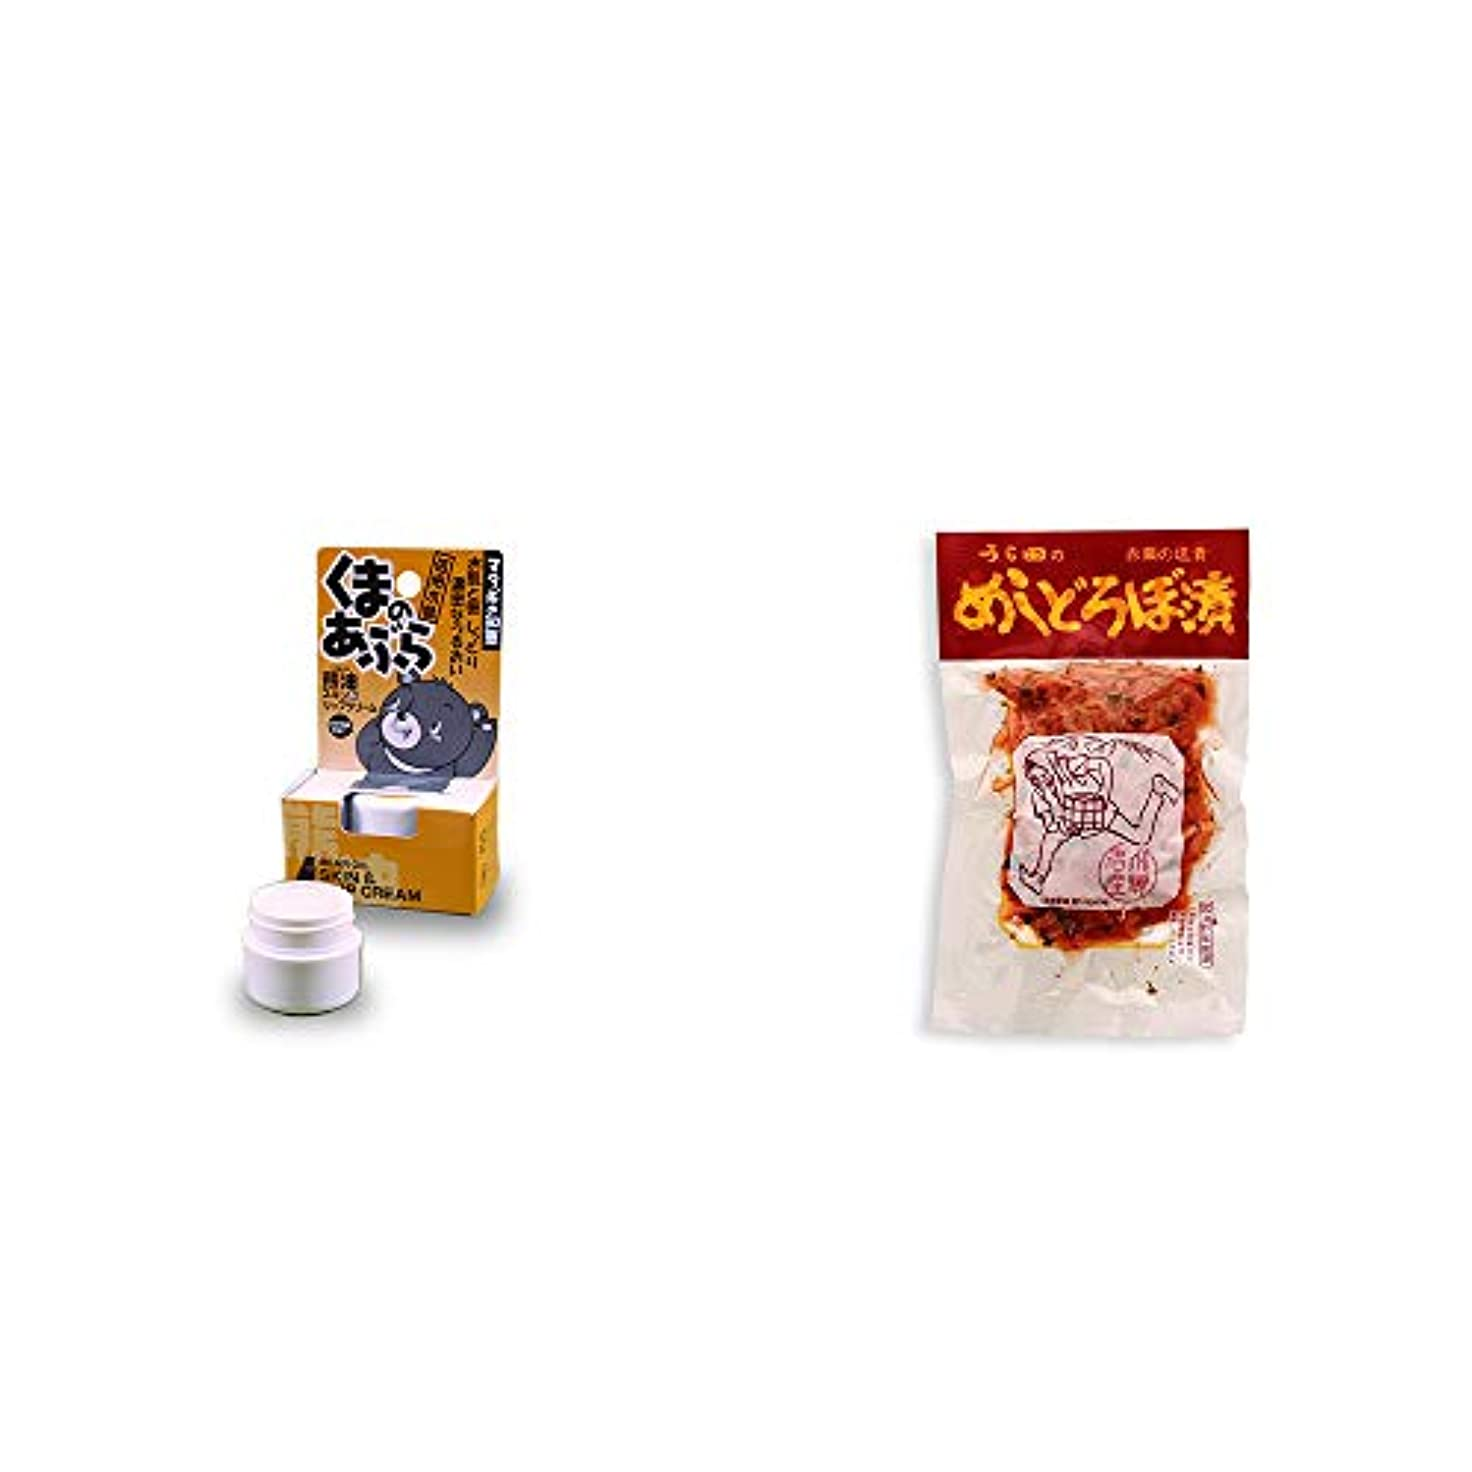 口径郵便物継続中[2点セット] 信州木曽 くまのあぶら 熊油スキン&リップクリーム(9g)?うら田 めしどろぼ漬(180g)